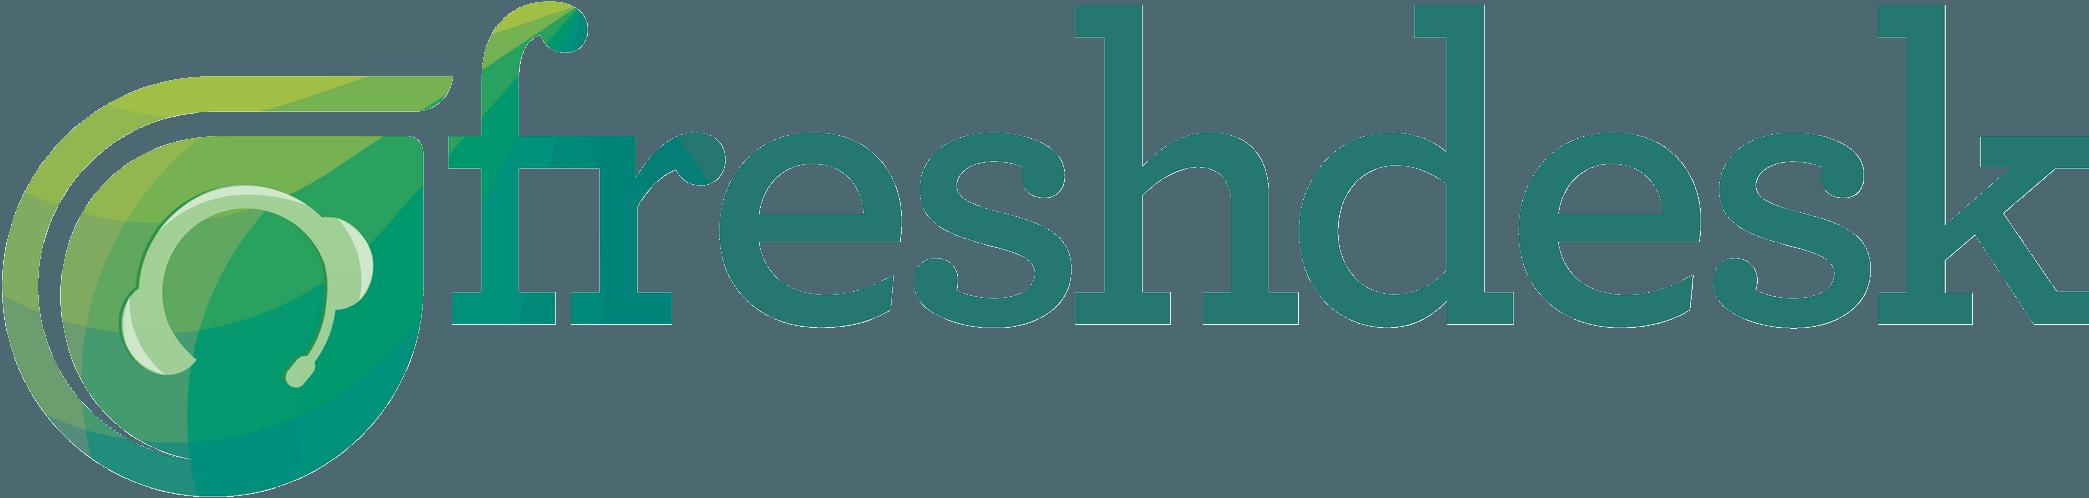 Freshdesk Logo png